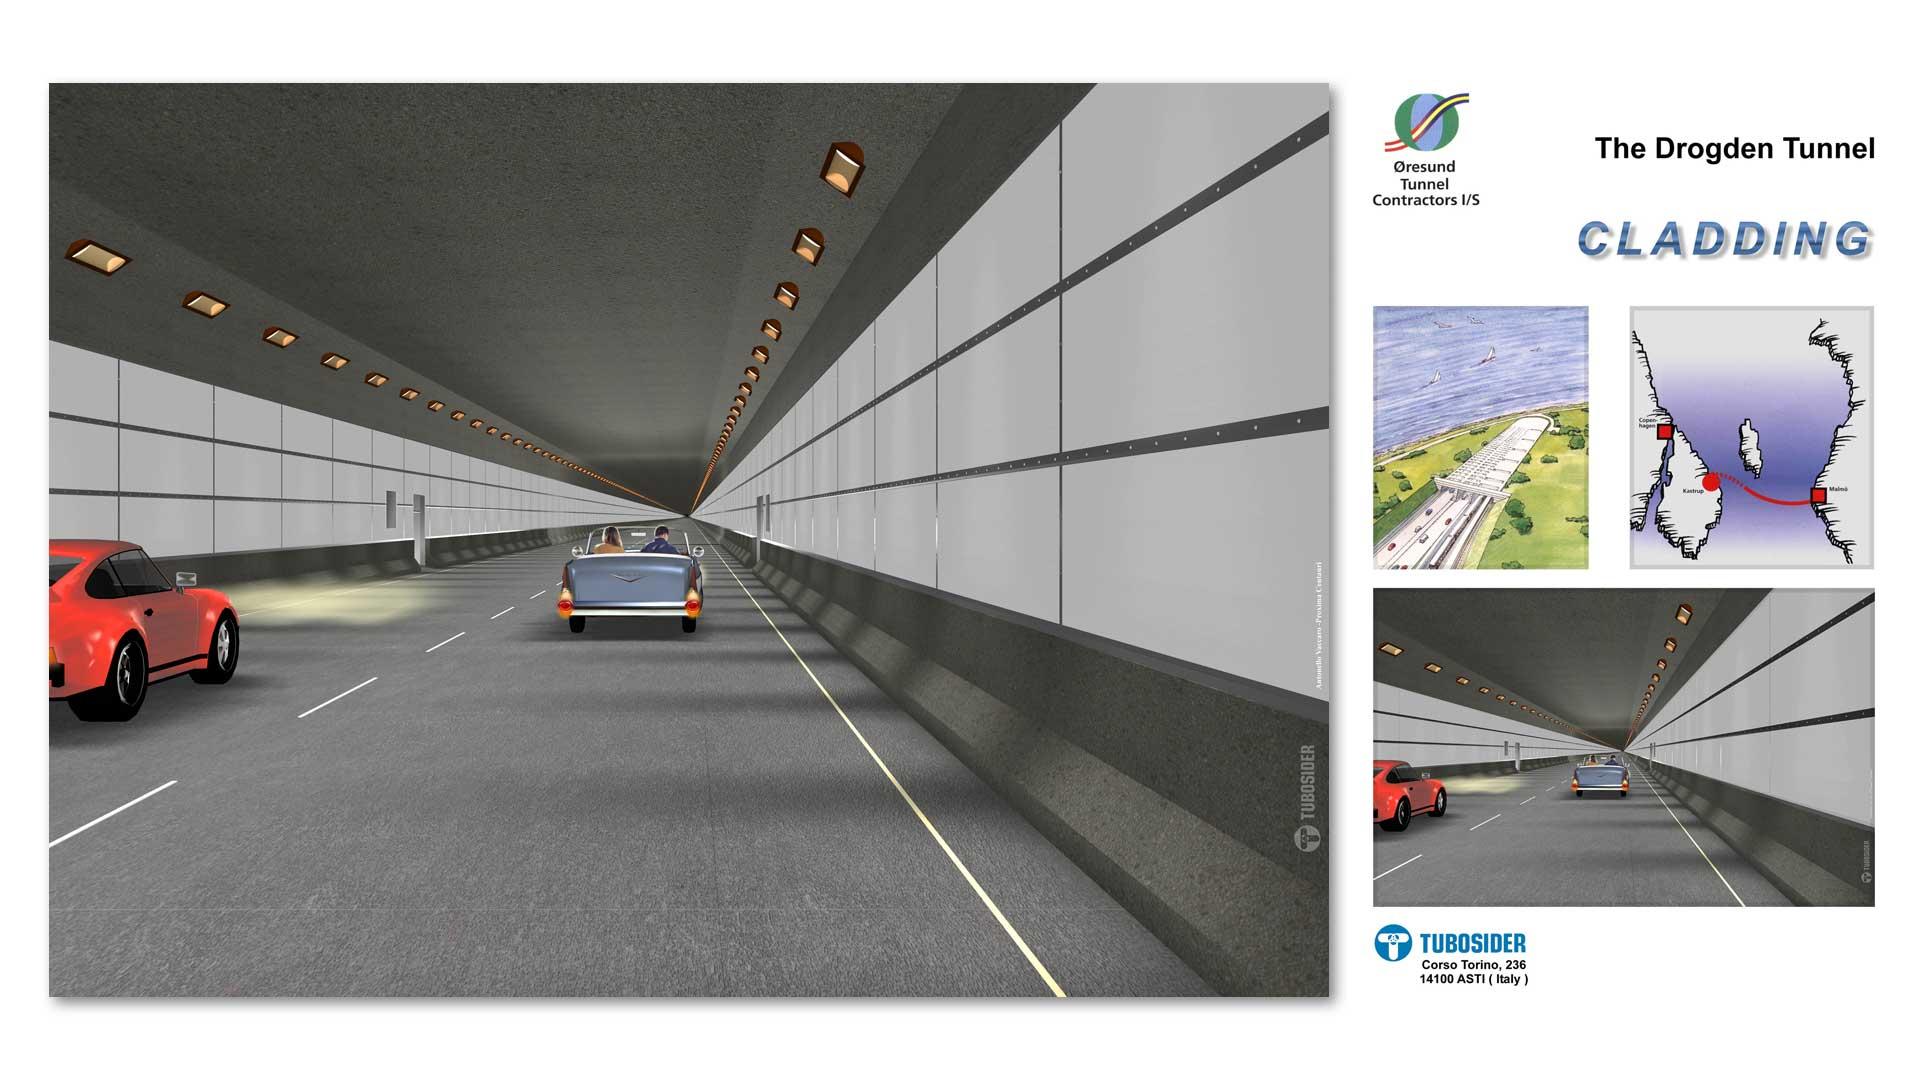 Øresund tunnel